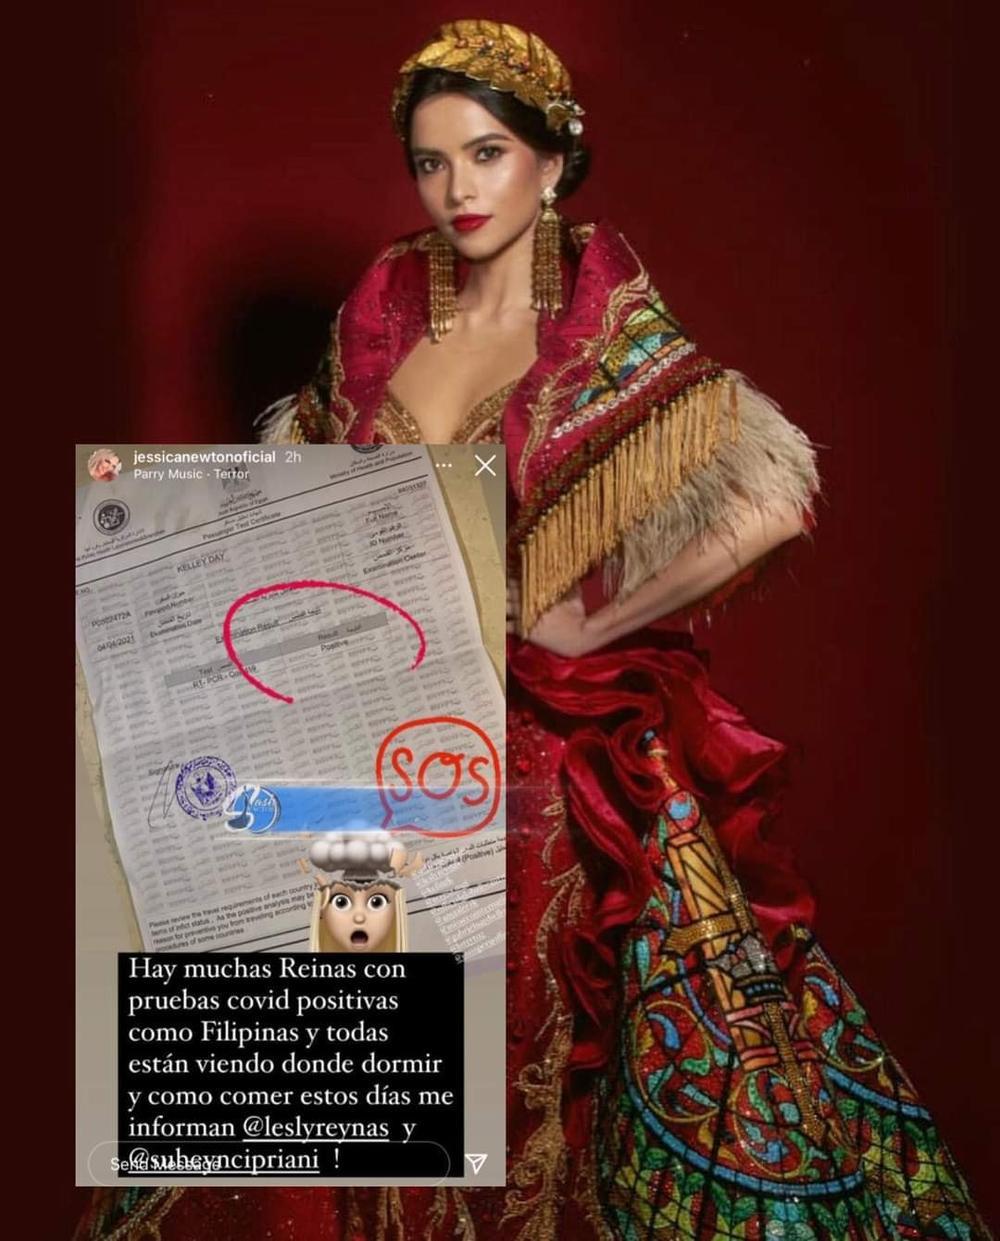 Á hậu 1 Miss Eco dương tính Covid-19, Đoàn Hồng Trang bày tỏ: 'Tôi bỏ thi là quyết định đúng đắn' Ảnh 4